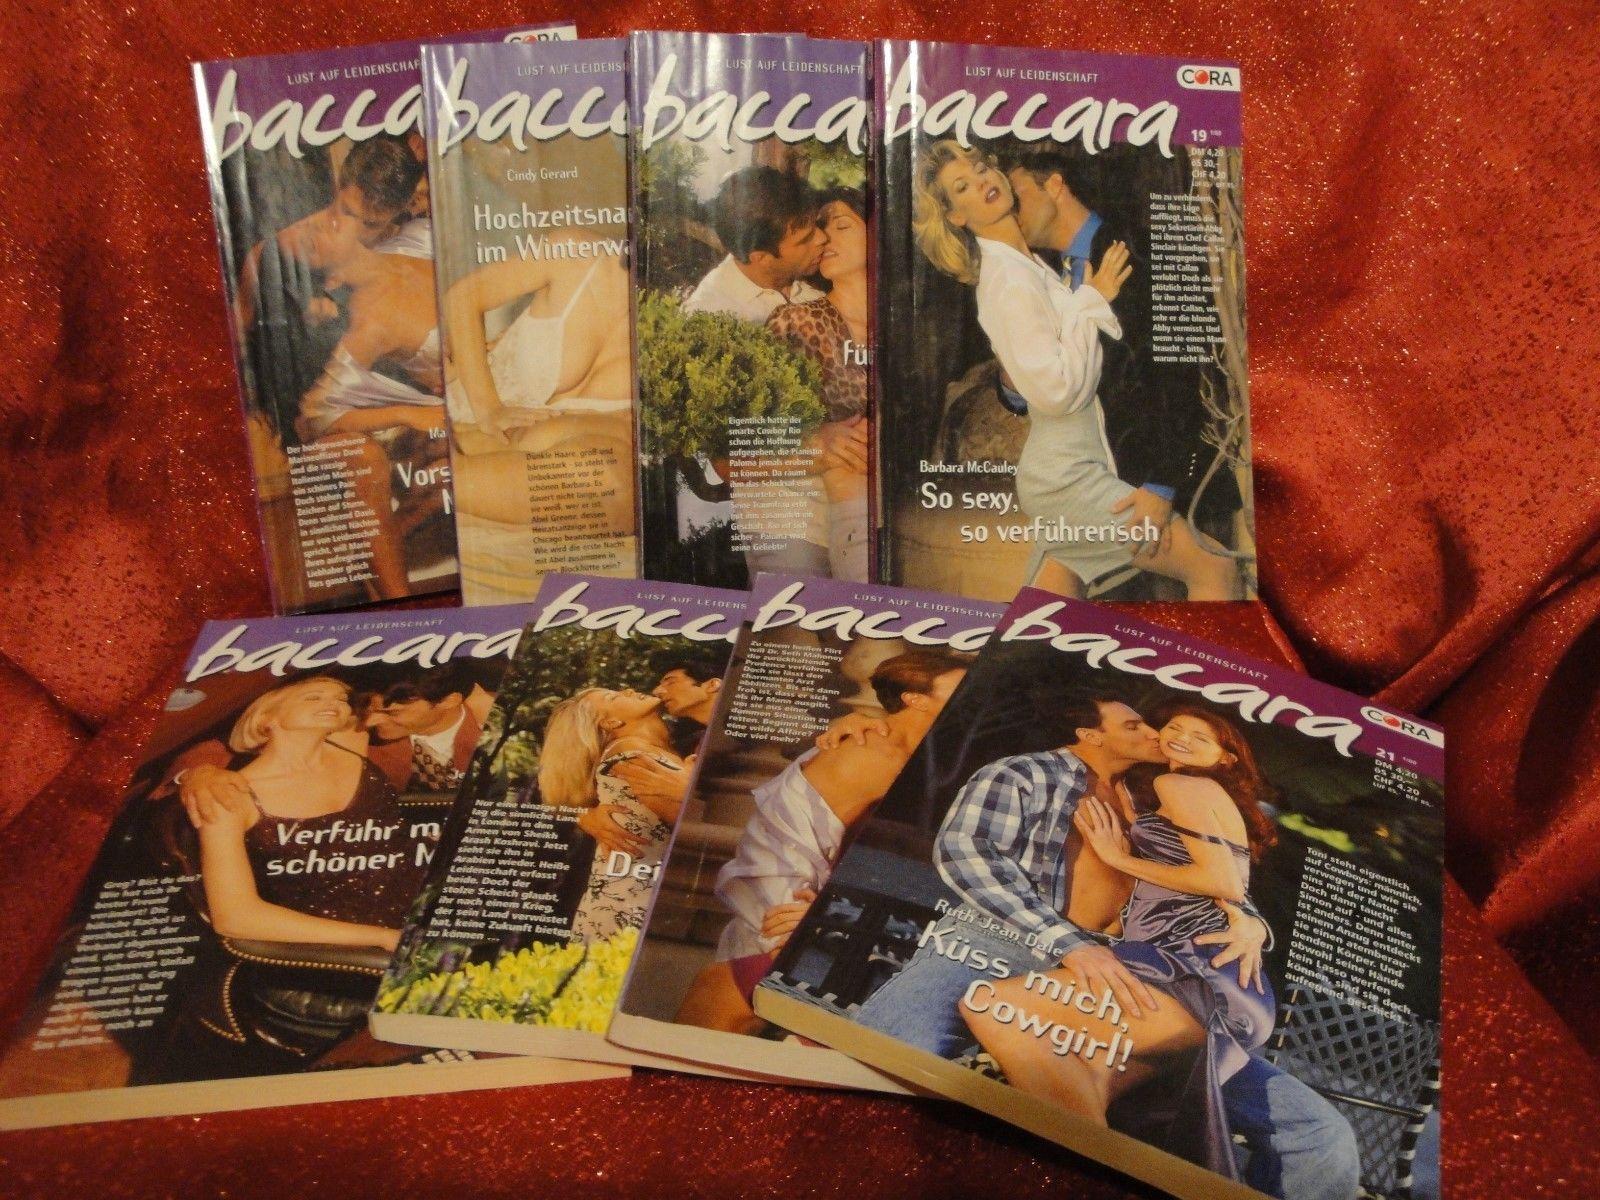 8 baccara - Romane * Lust auf Leidenschaft * Romanhefte von CORA * Paket 1*